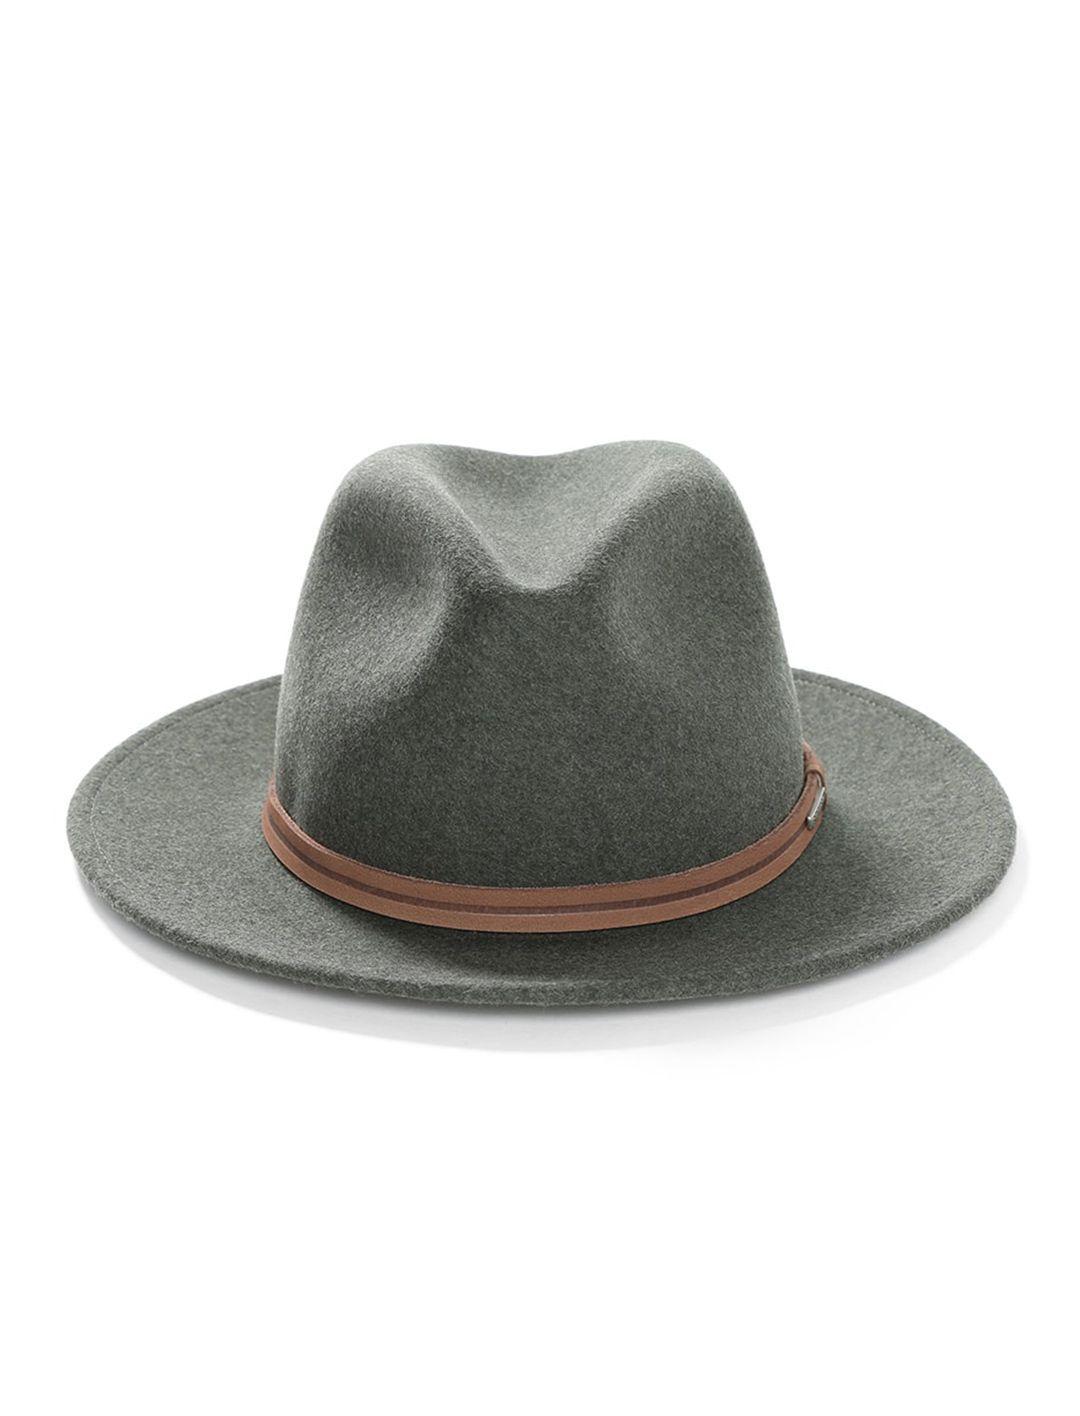 418875c1a6fd4 Stetson Explorer Outdoor Hat